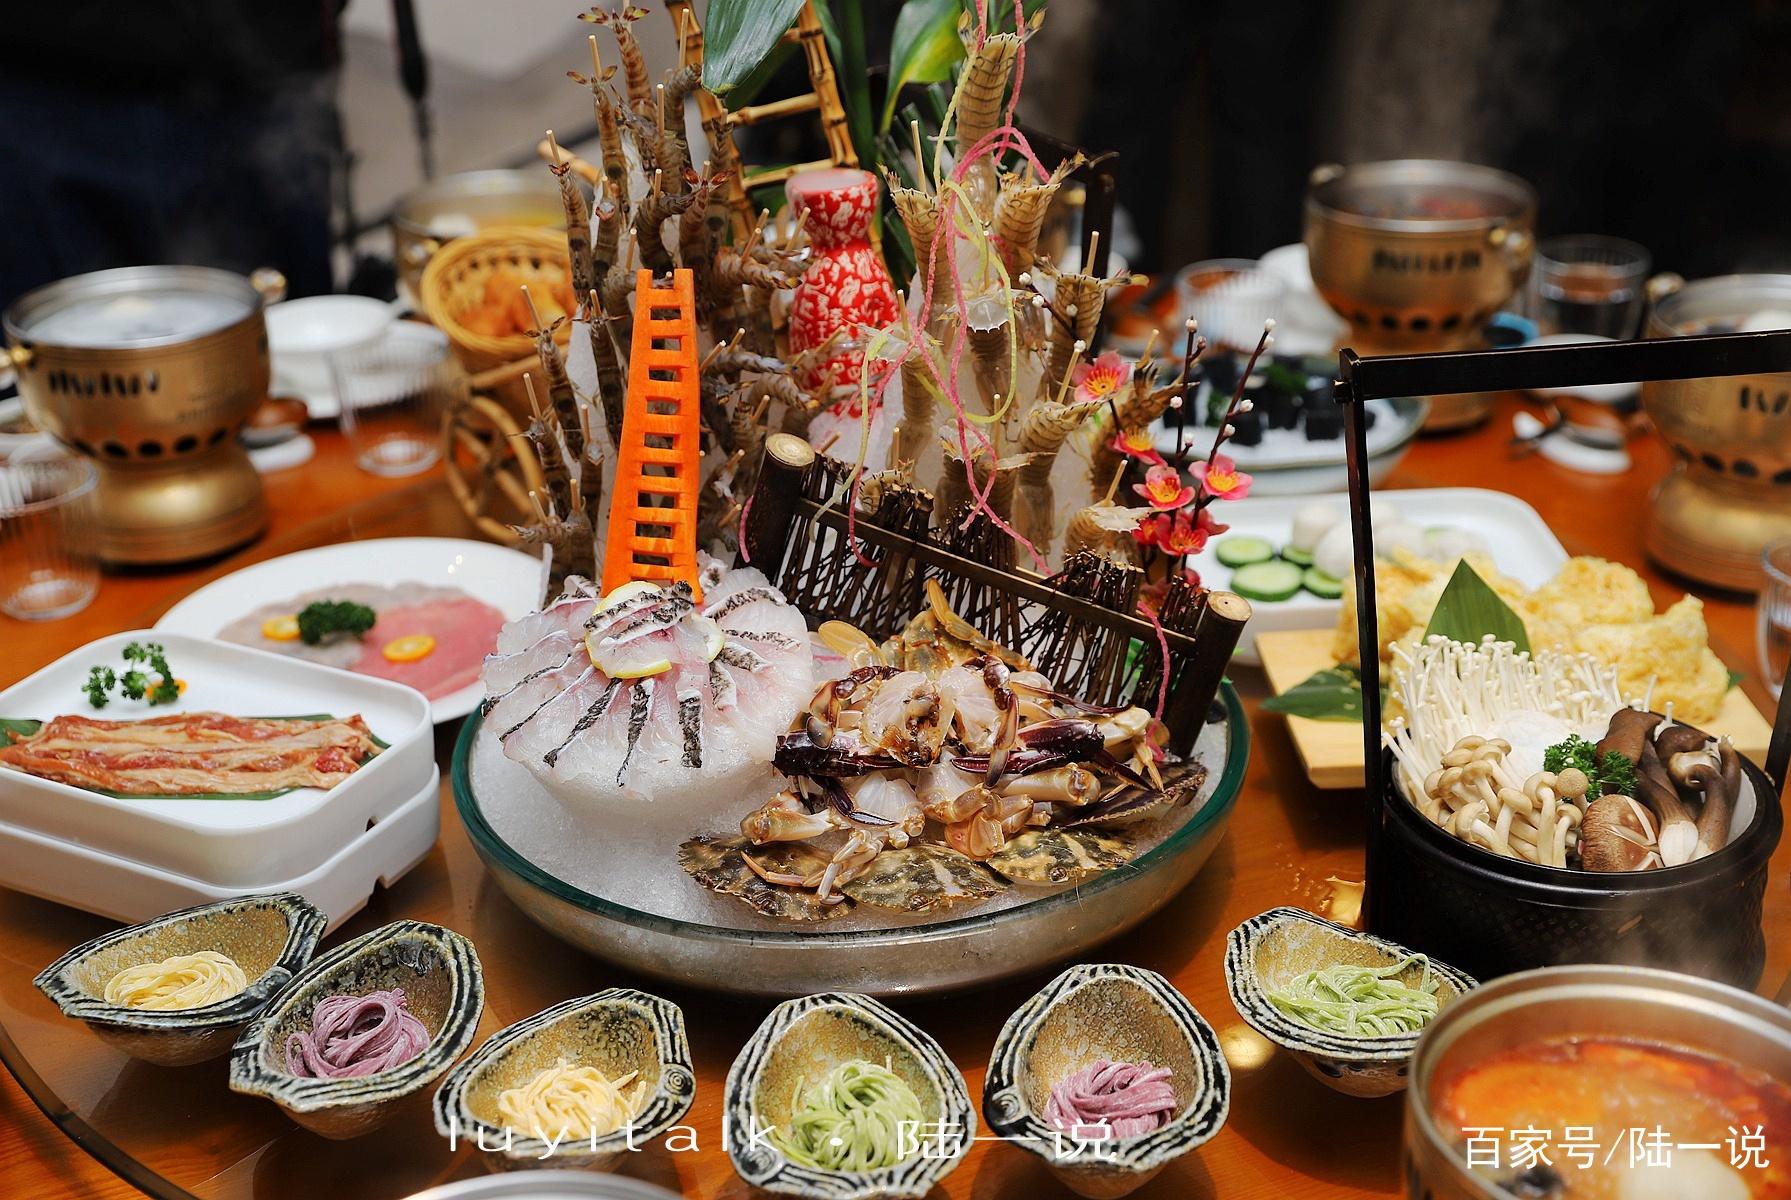 番茄配鲍鱼、花胶有螃蟹,过生日吃港式鲜捞,人均150元,臻好